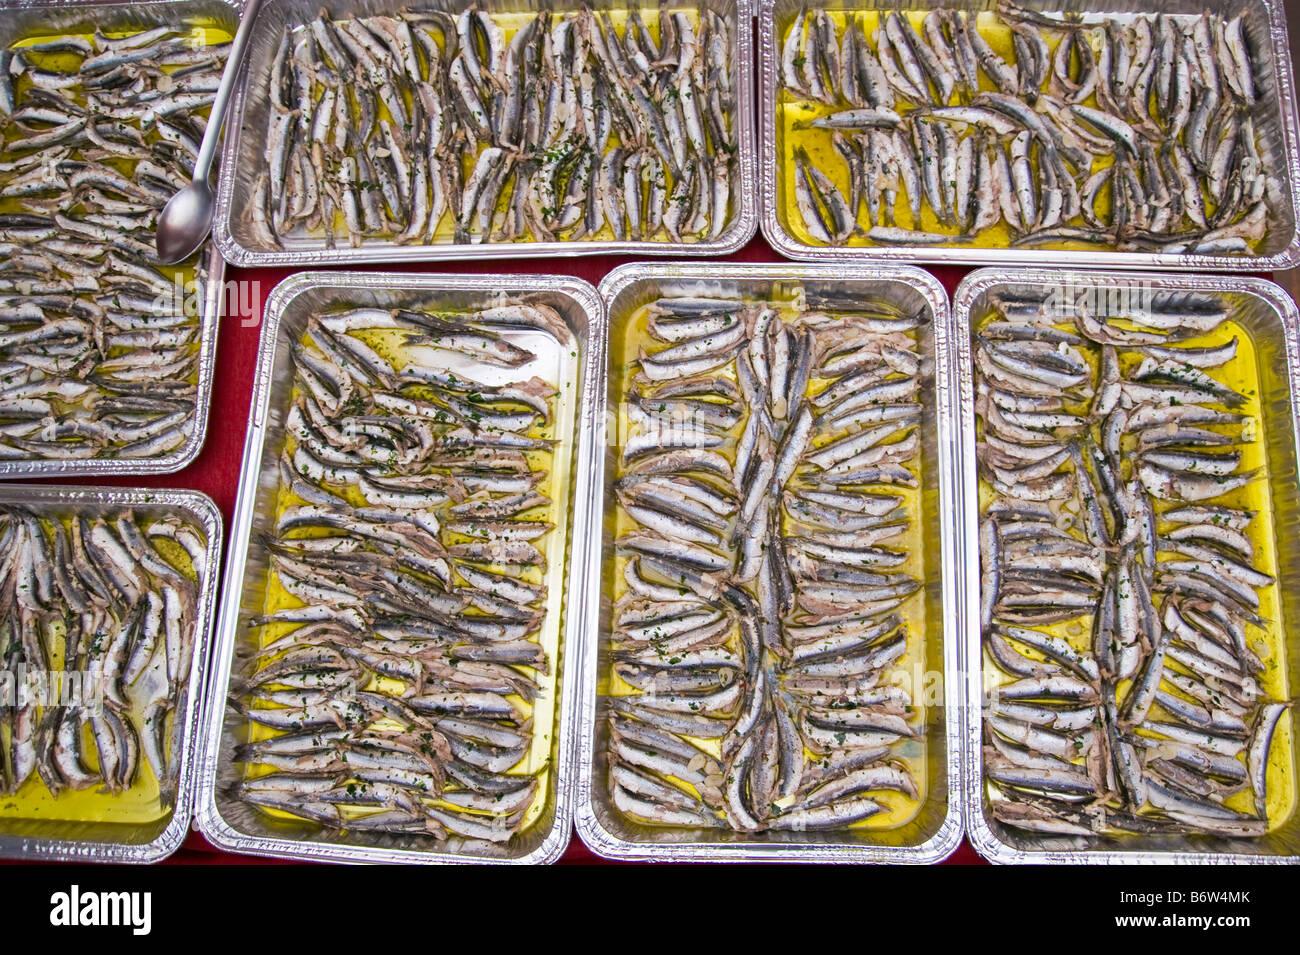 Sardines in olive oil - Stock Image